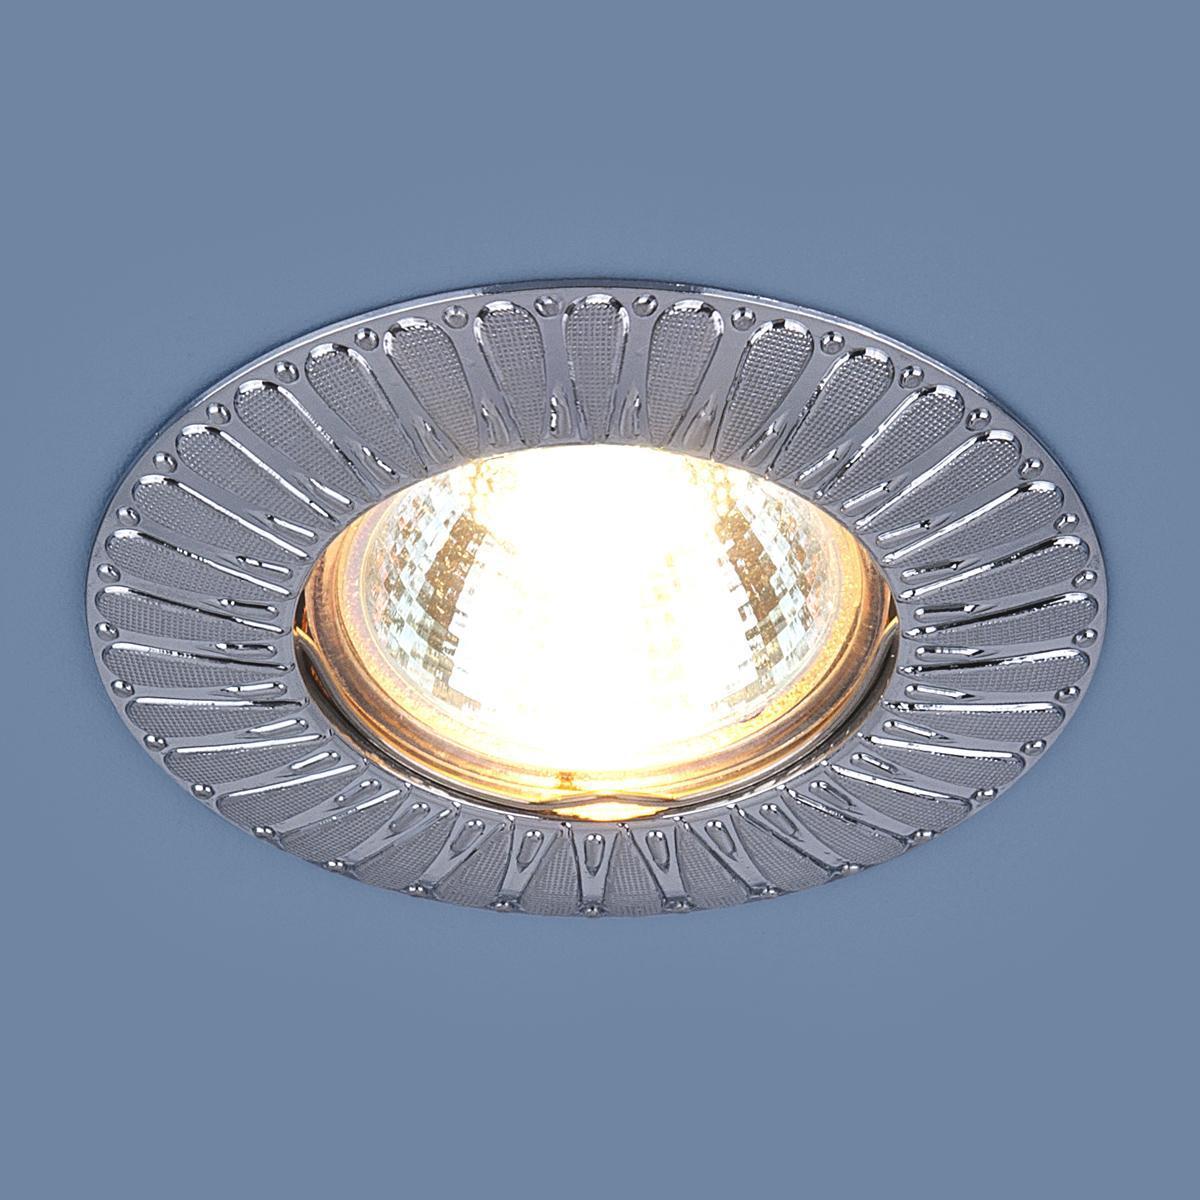 Фото - Встраиваемый светильник Elektrostandard 7203 MR16 SCH сатин хром 4690389044205 cветильник галогенный de fran встраиваемый 1х50вт mr16 ip20 зел античное золото